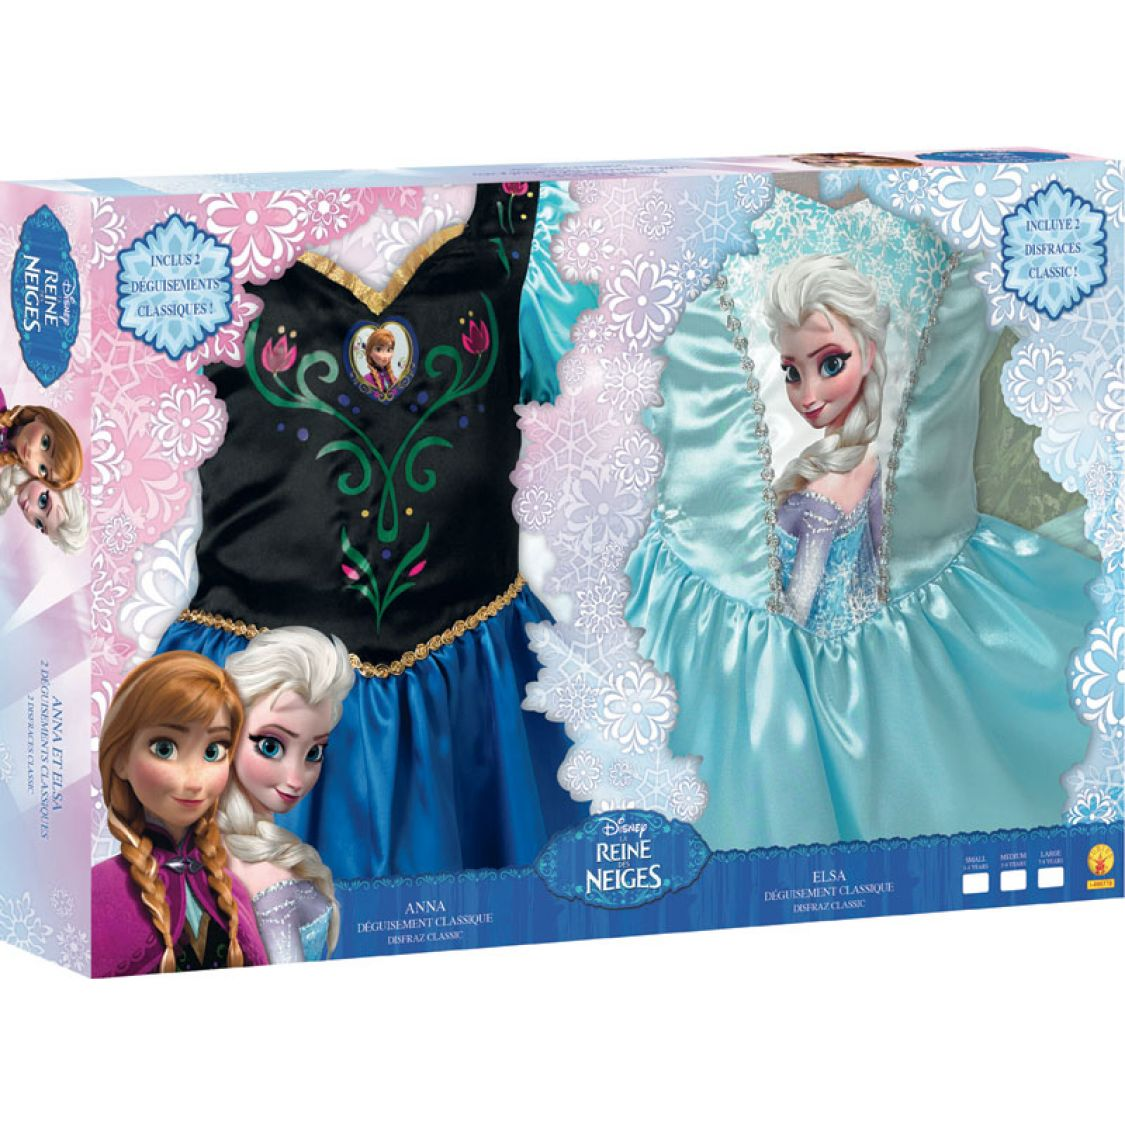 D guisements anna et elsa reine des neige boite - Reine de neige 2 ...